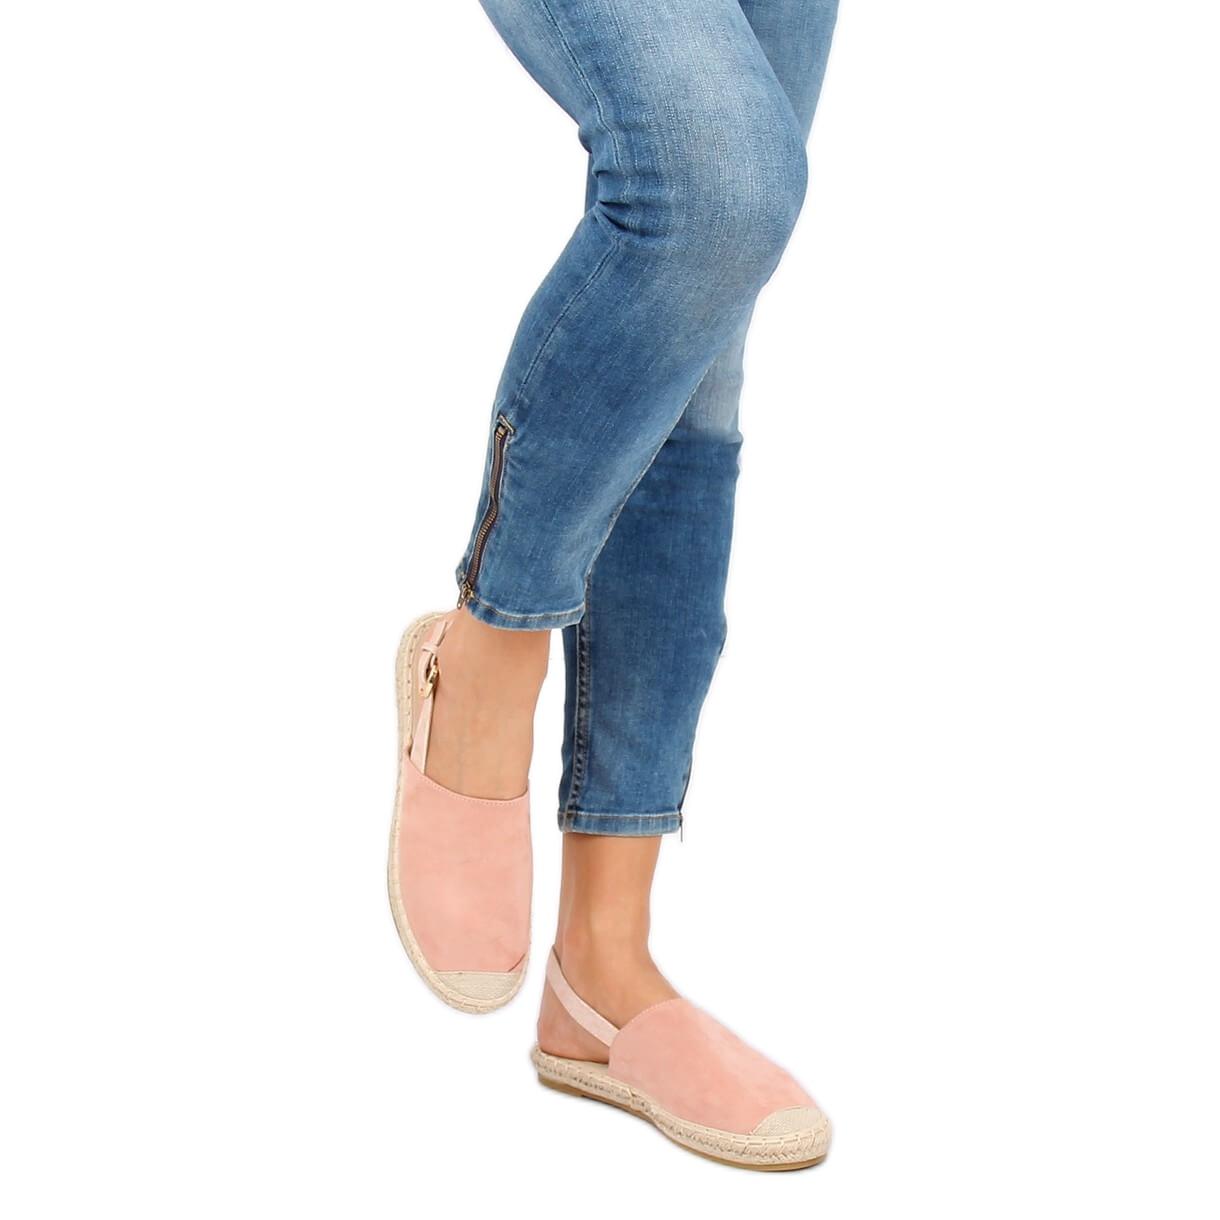 ampia scelta di colori negozio online varietà di disegni e colori Espadrillas con tacco a punta rosa HH-119 rosa